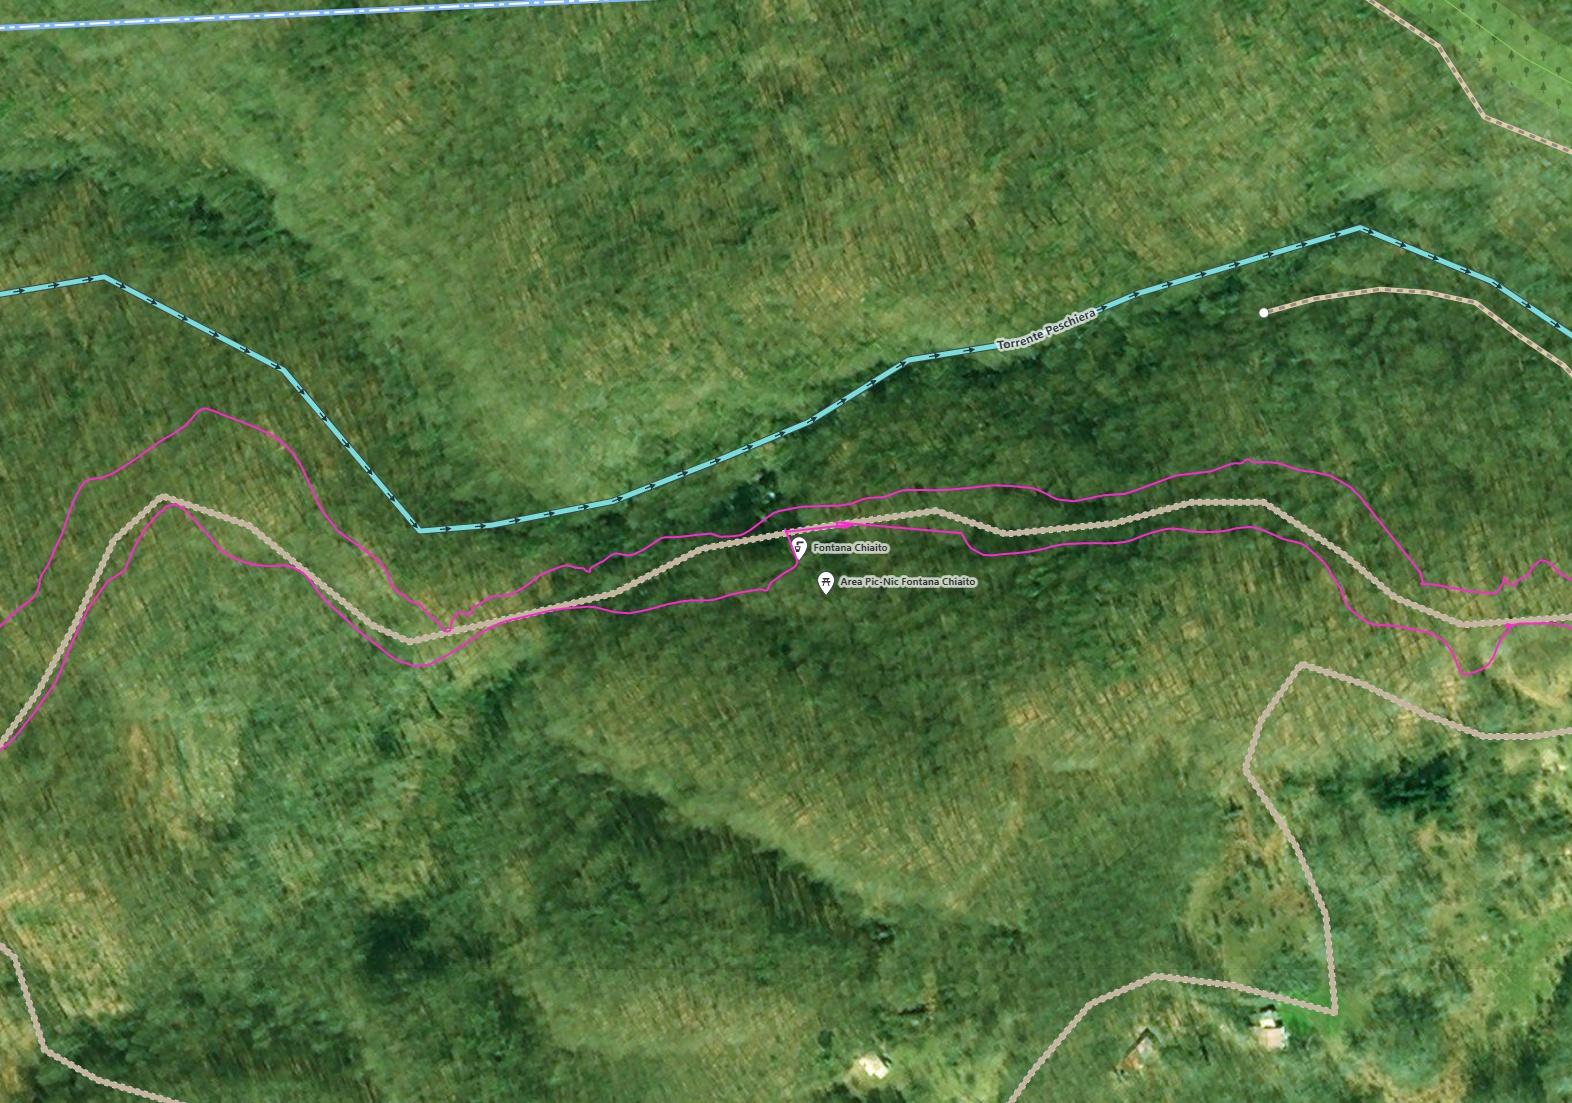 Incertezza sulla traccia registrata da un dispositivo GPS